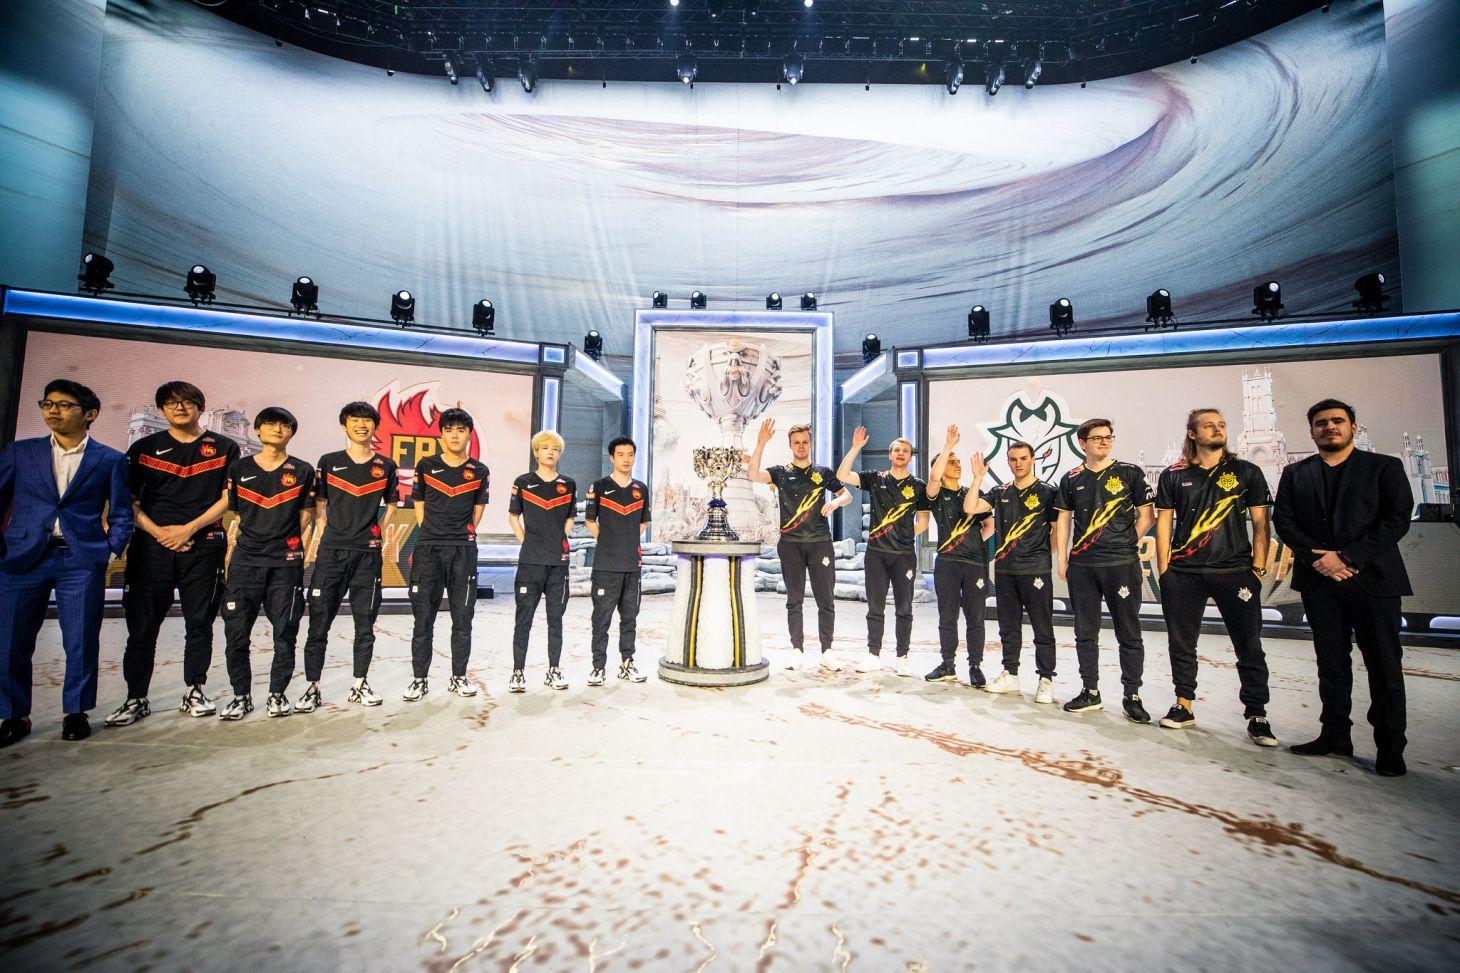 La final volverá a ser entre China y Europa, igual que en el pasado mundial. | Fuente: Riot Games